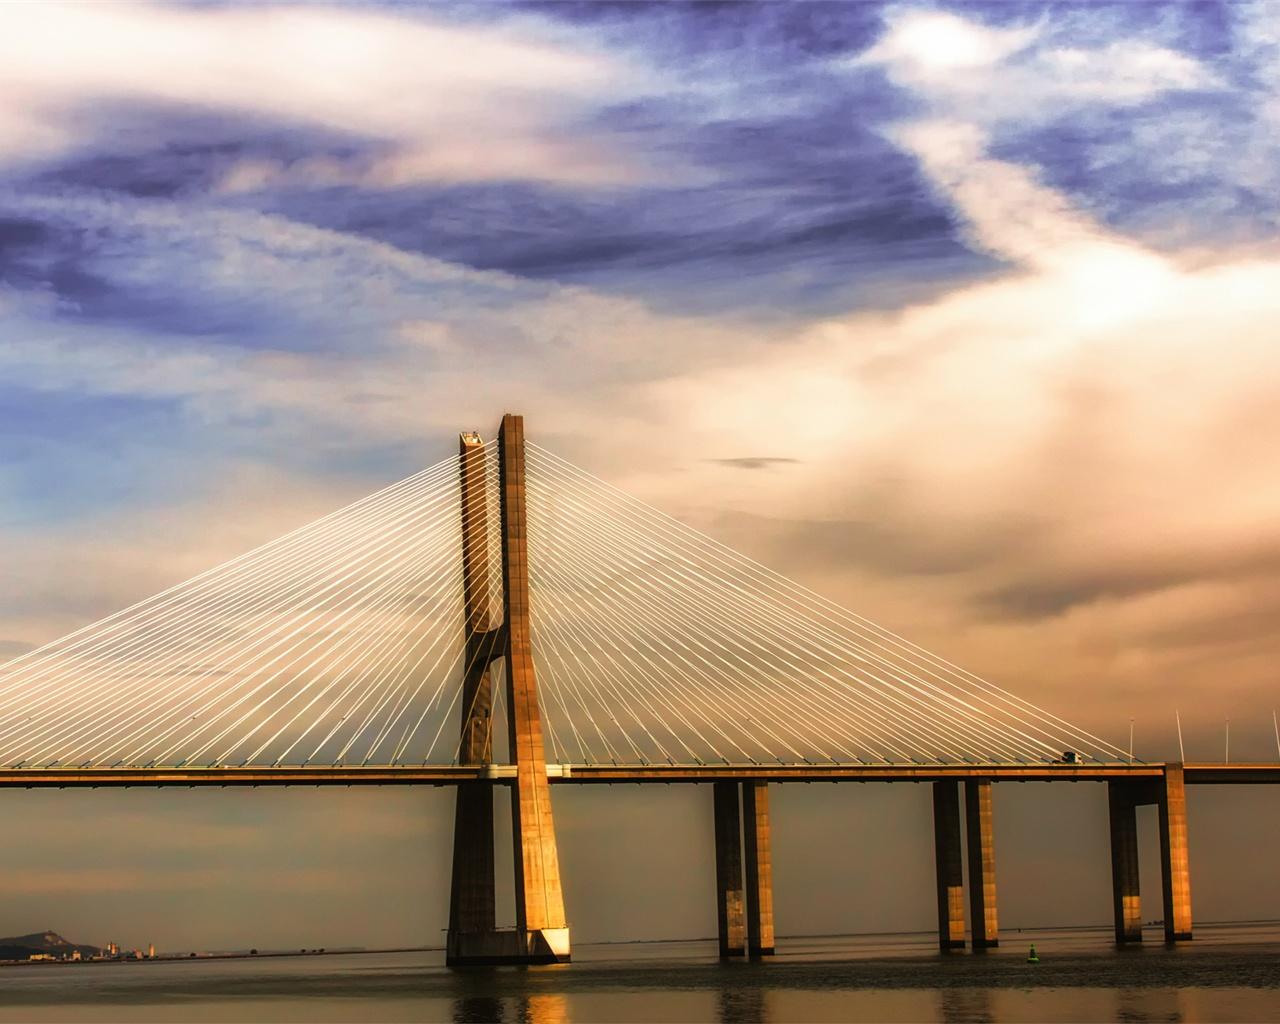 Fonds d 39 cran portugal lisbonne fleuve tage le pont for Fond ecran qhd